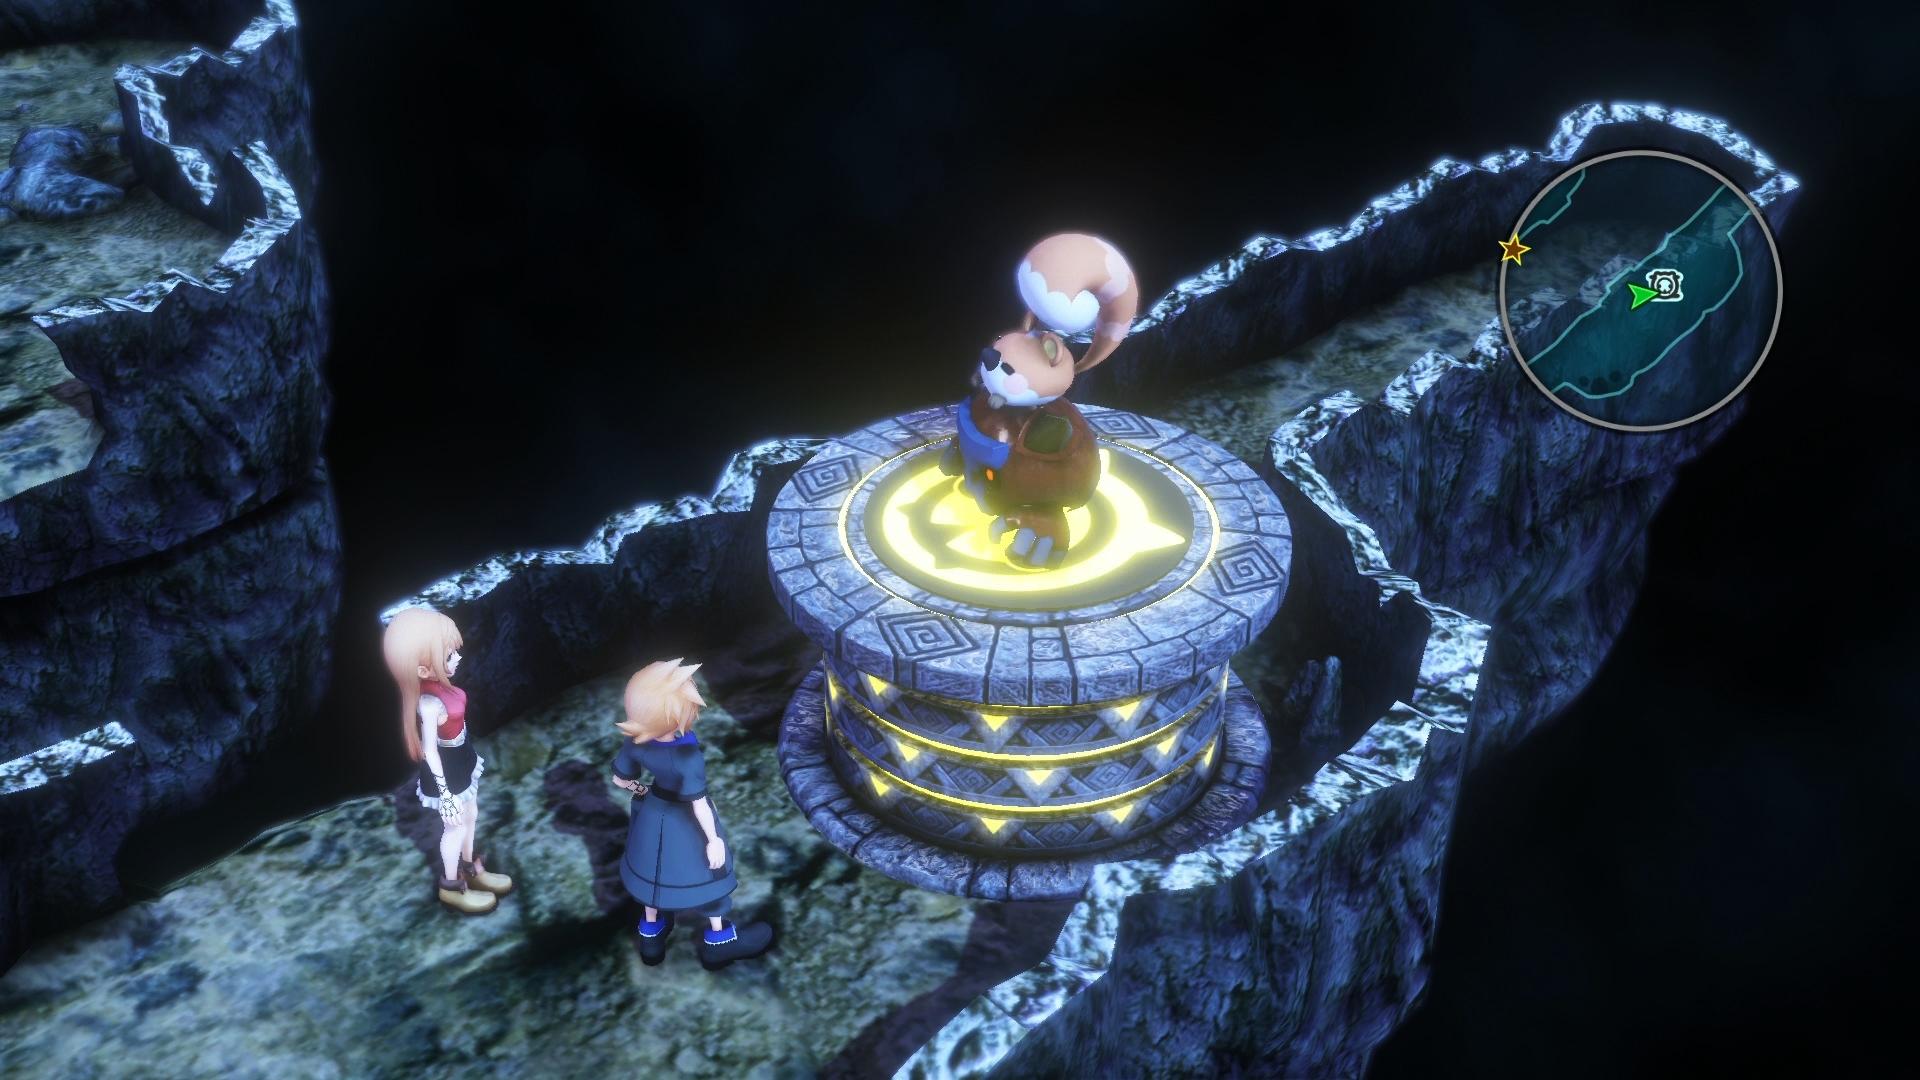 World of Final Fantasy vypadá na obrázcích pohádkově 130362